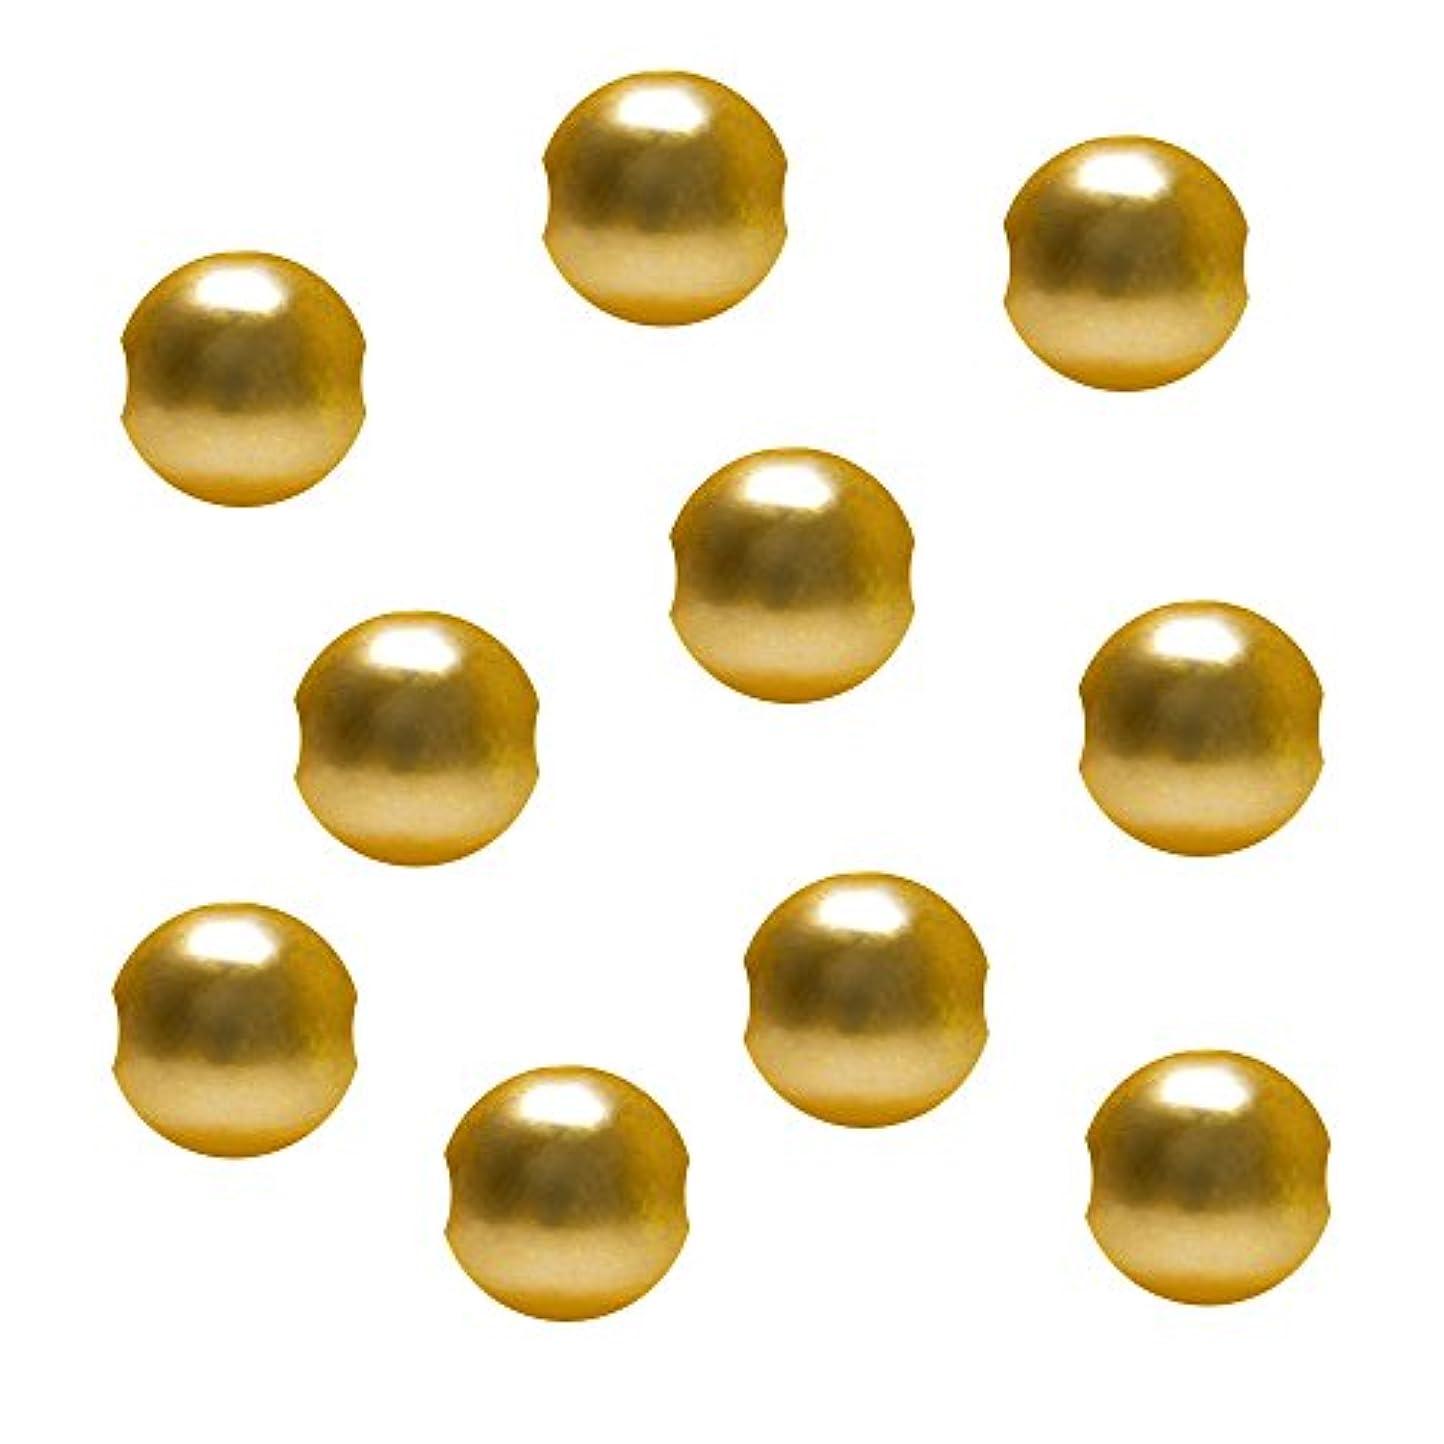 バルセロナサミットマイナージェルネイル  サンシャインベビー ジュエリーボールゴールド穴あり6mm